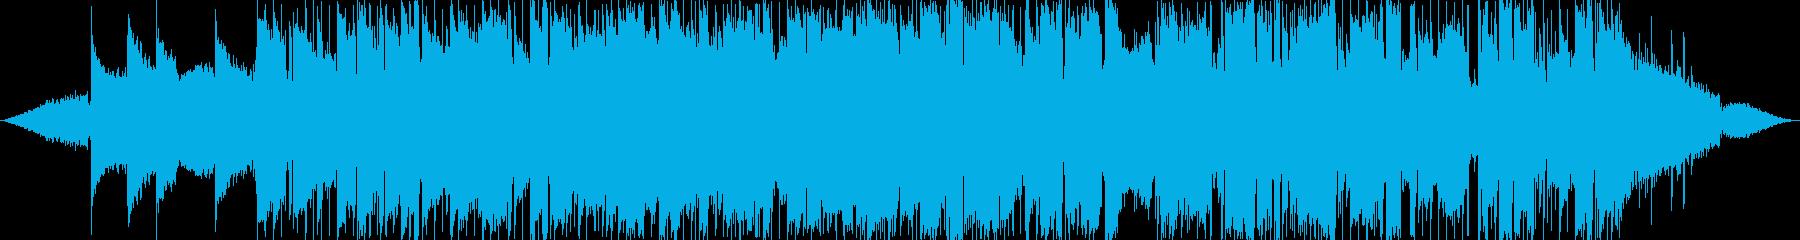 エレクトロニック 感情的 静か 気...の再生済みの波形